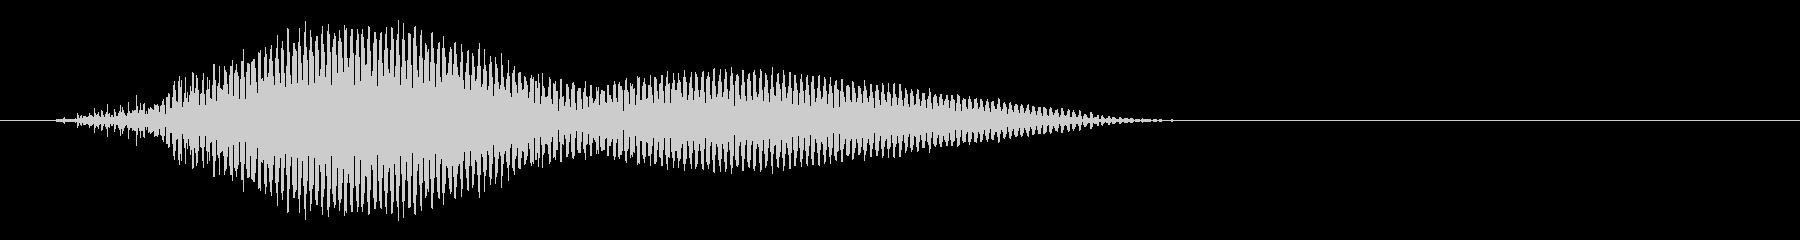 Reverbによるデジタルデジタル...の未再生の波形